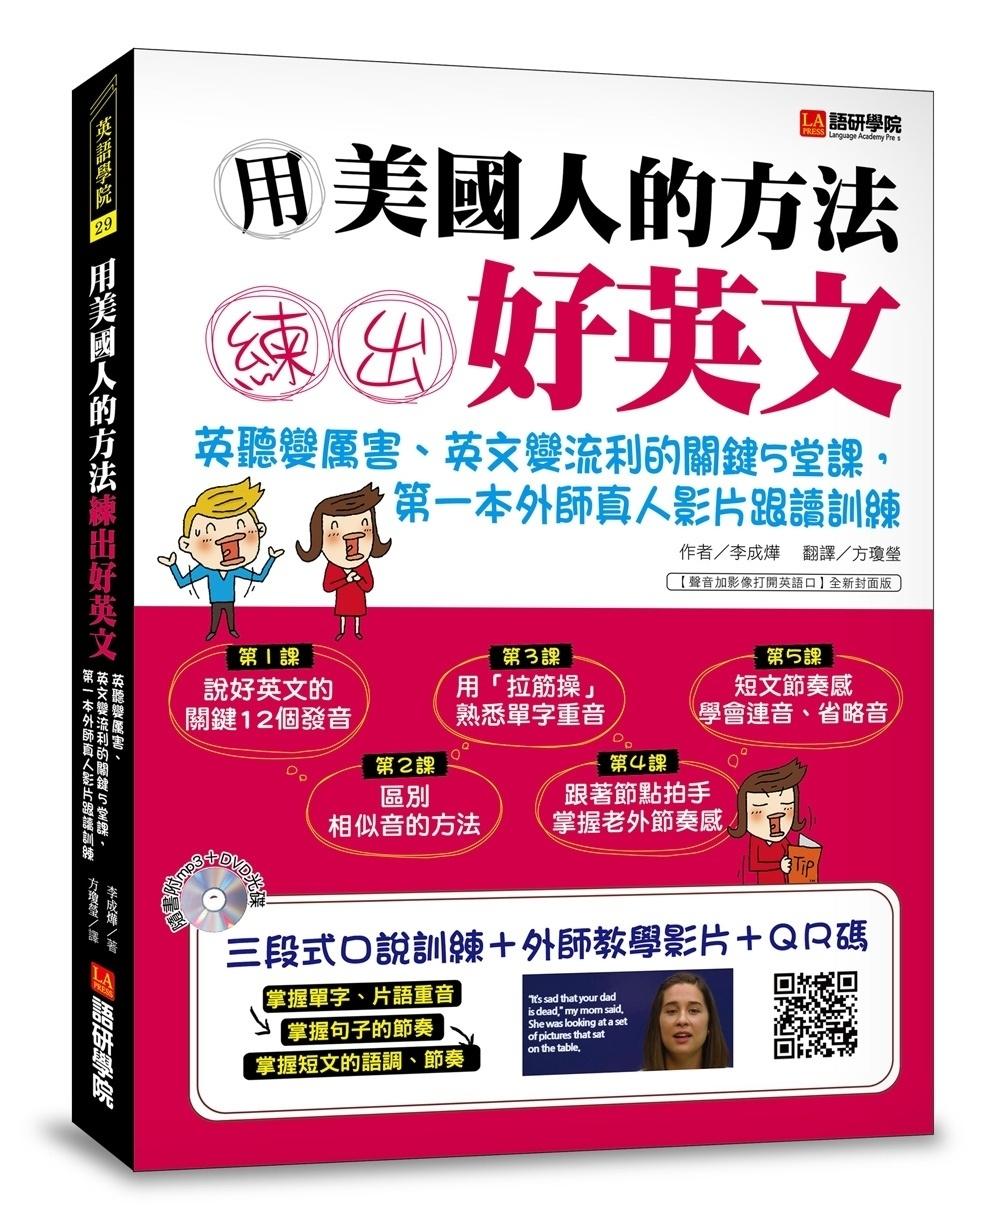 用美國人的方法練出好英文:英聽變厲害、英文變流利的關鍵5堂課,第一本外師真人影片跟讀訓練(附MP3光碟+外師真人教學DVD+影片QR碼)